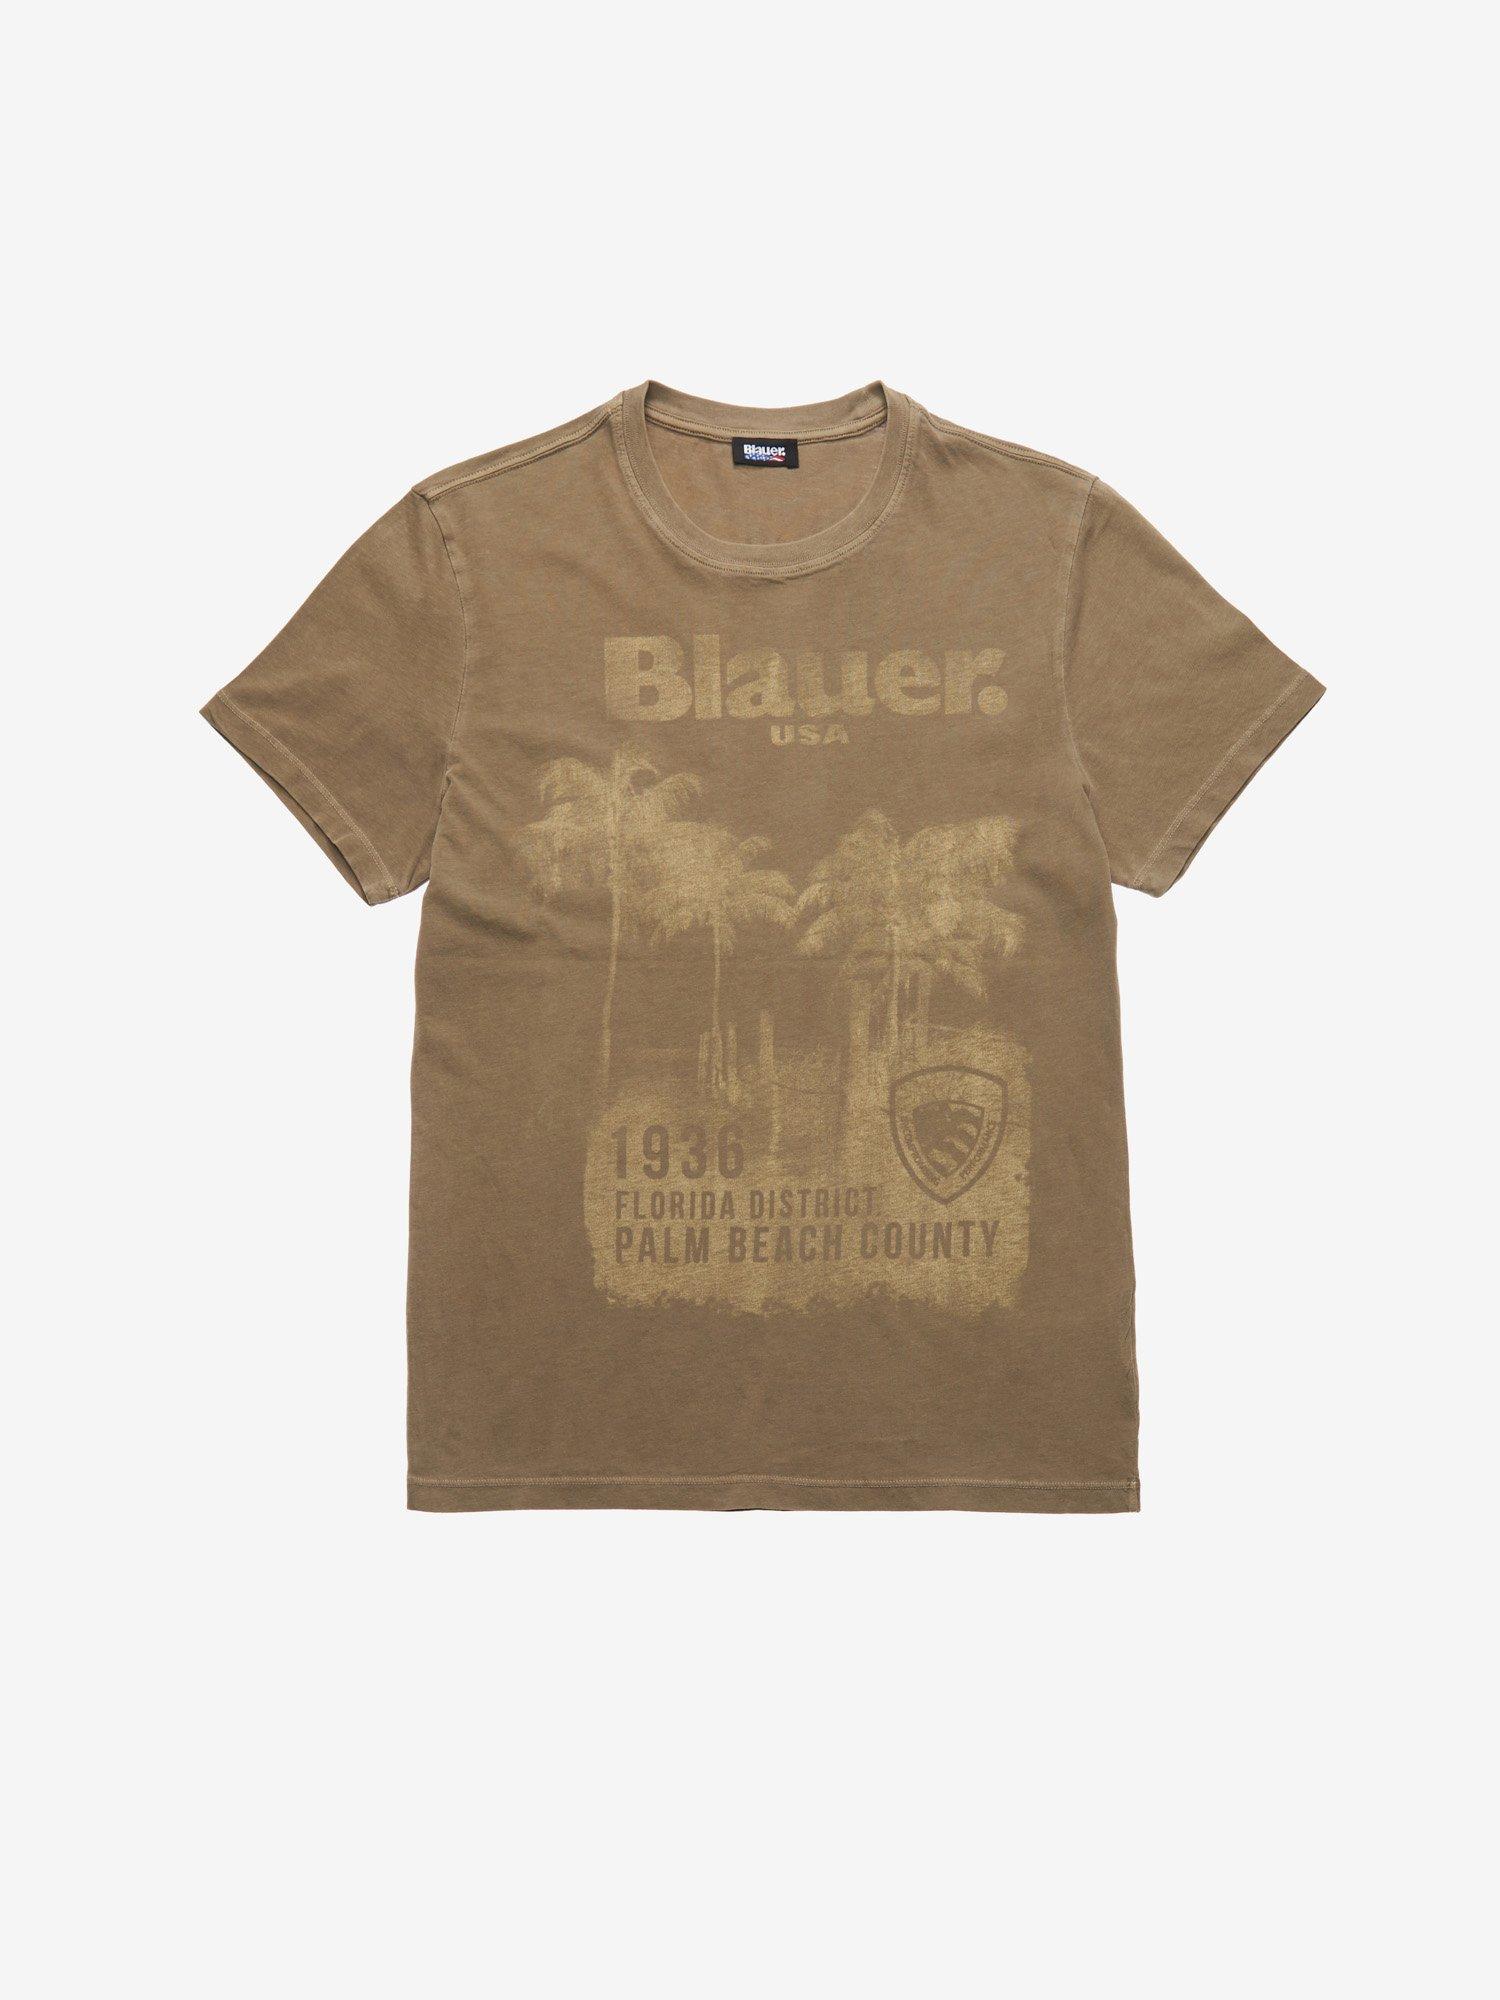 PALM BEACH COUNTY T-SHIRT - Blauer